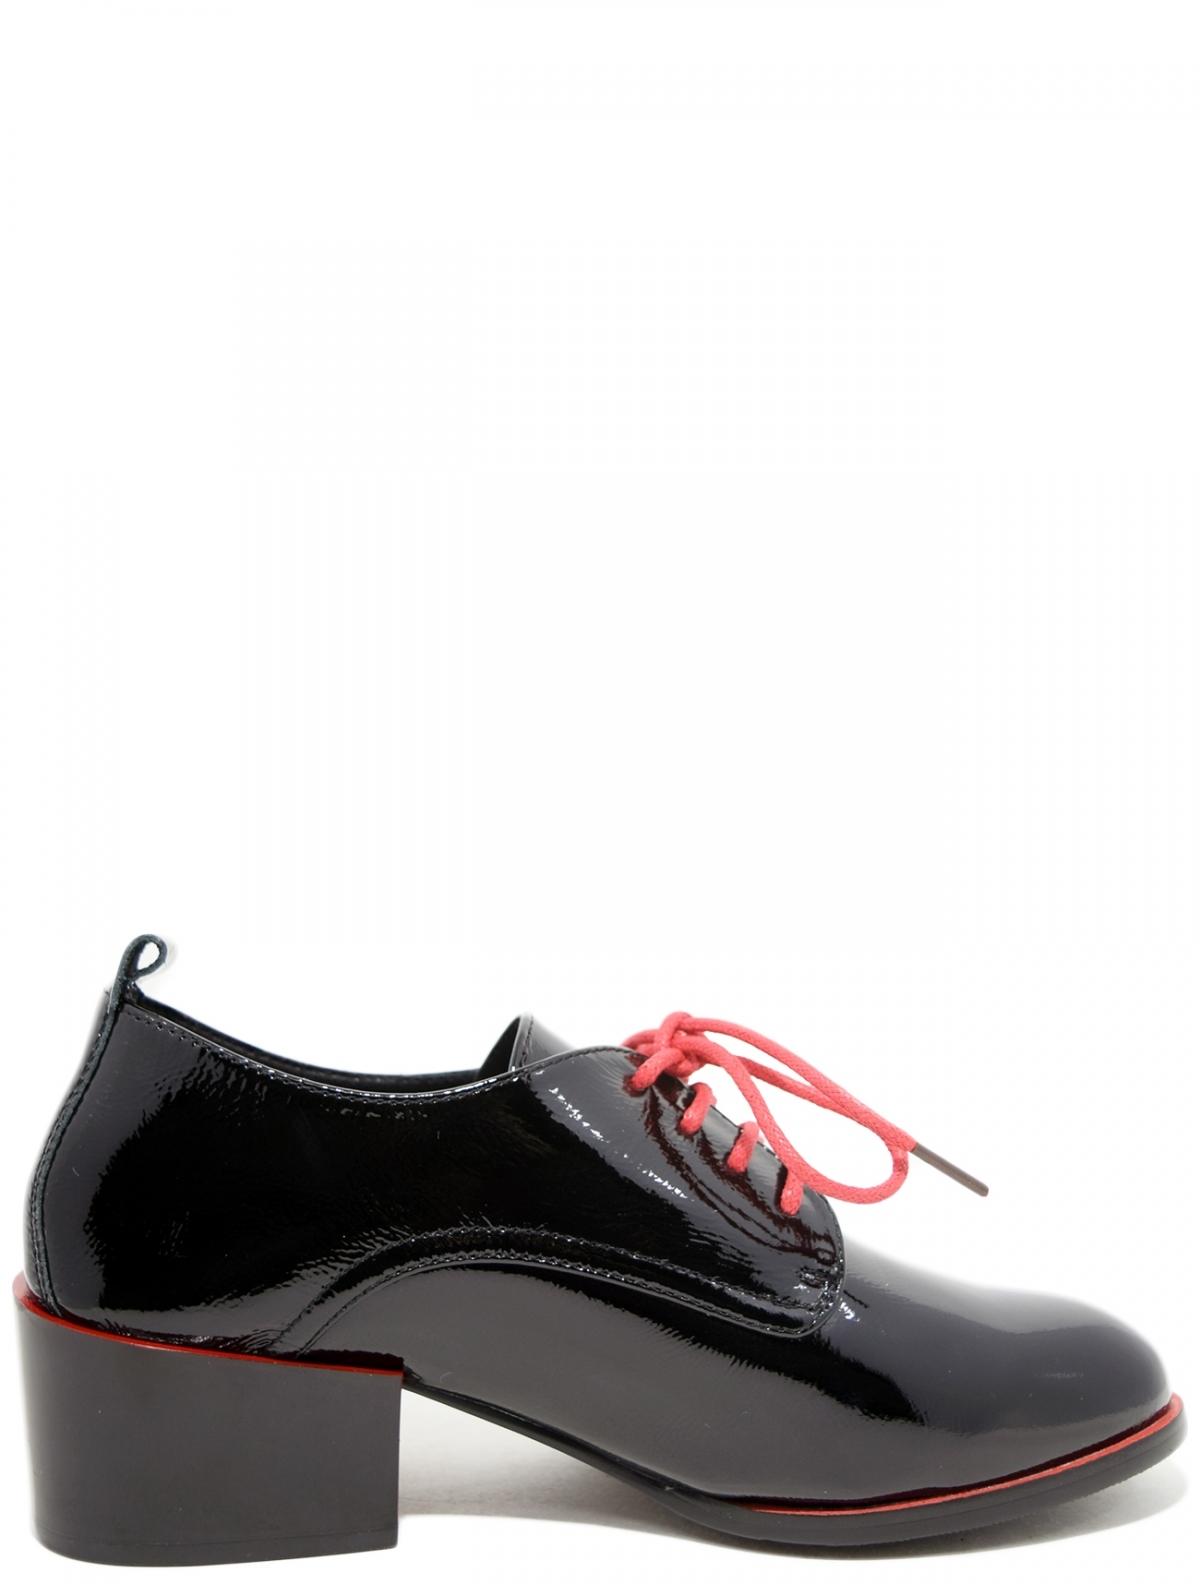 Bonavi 92MK07-501-2 женские туфли